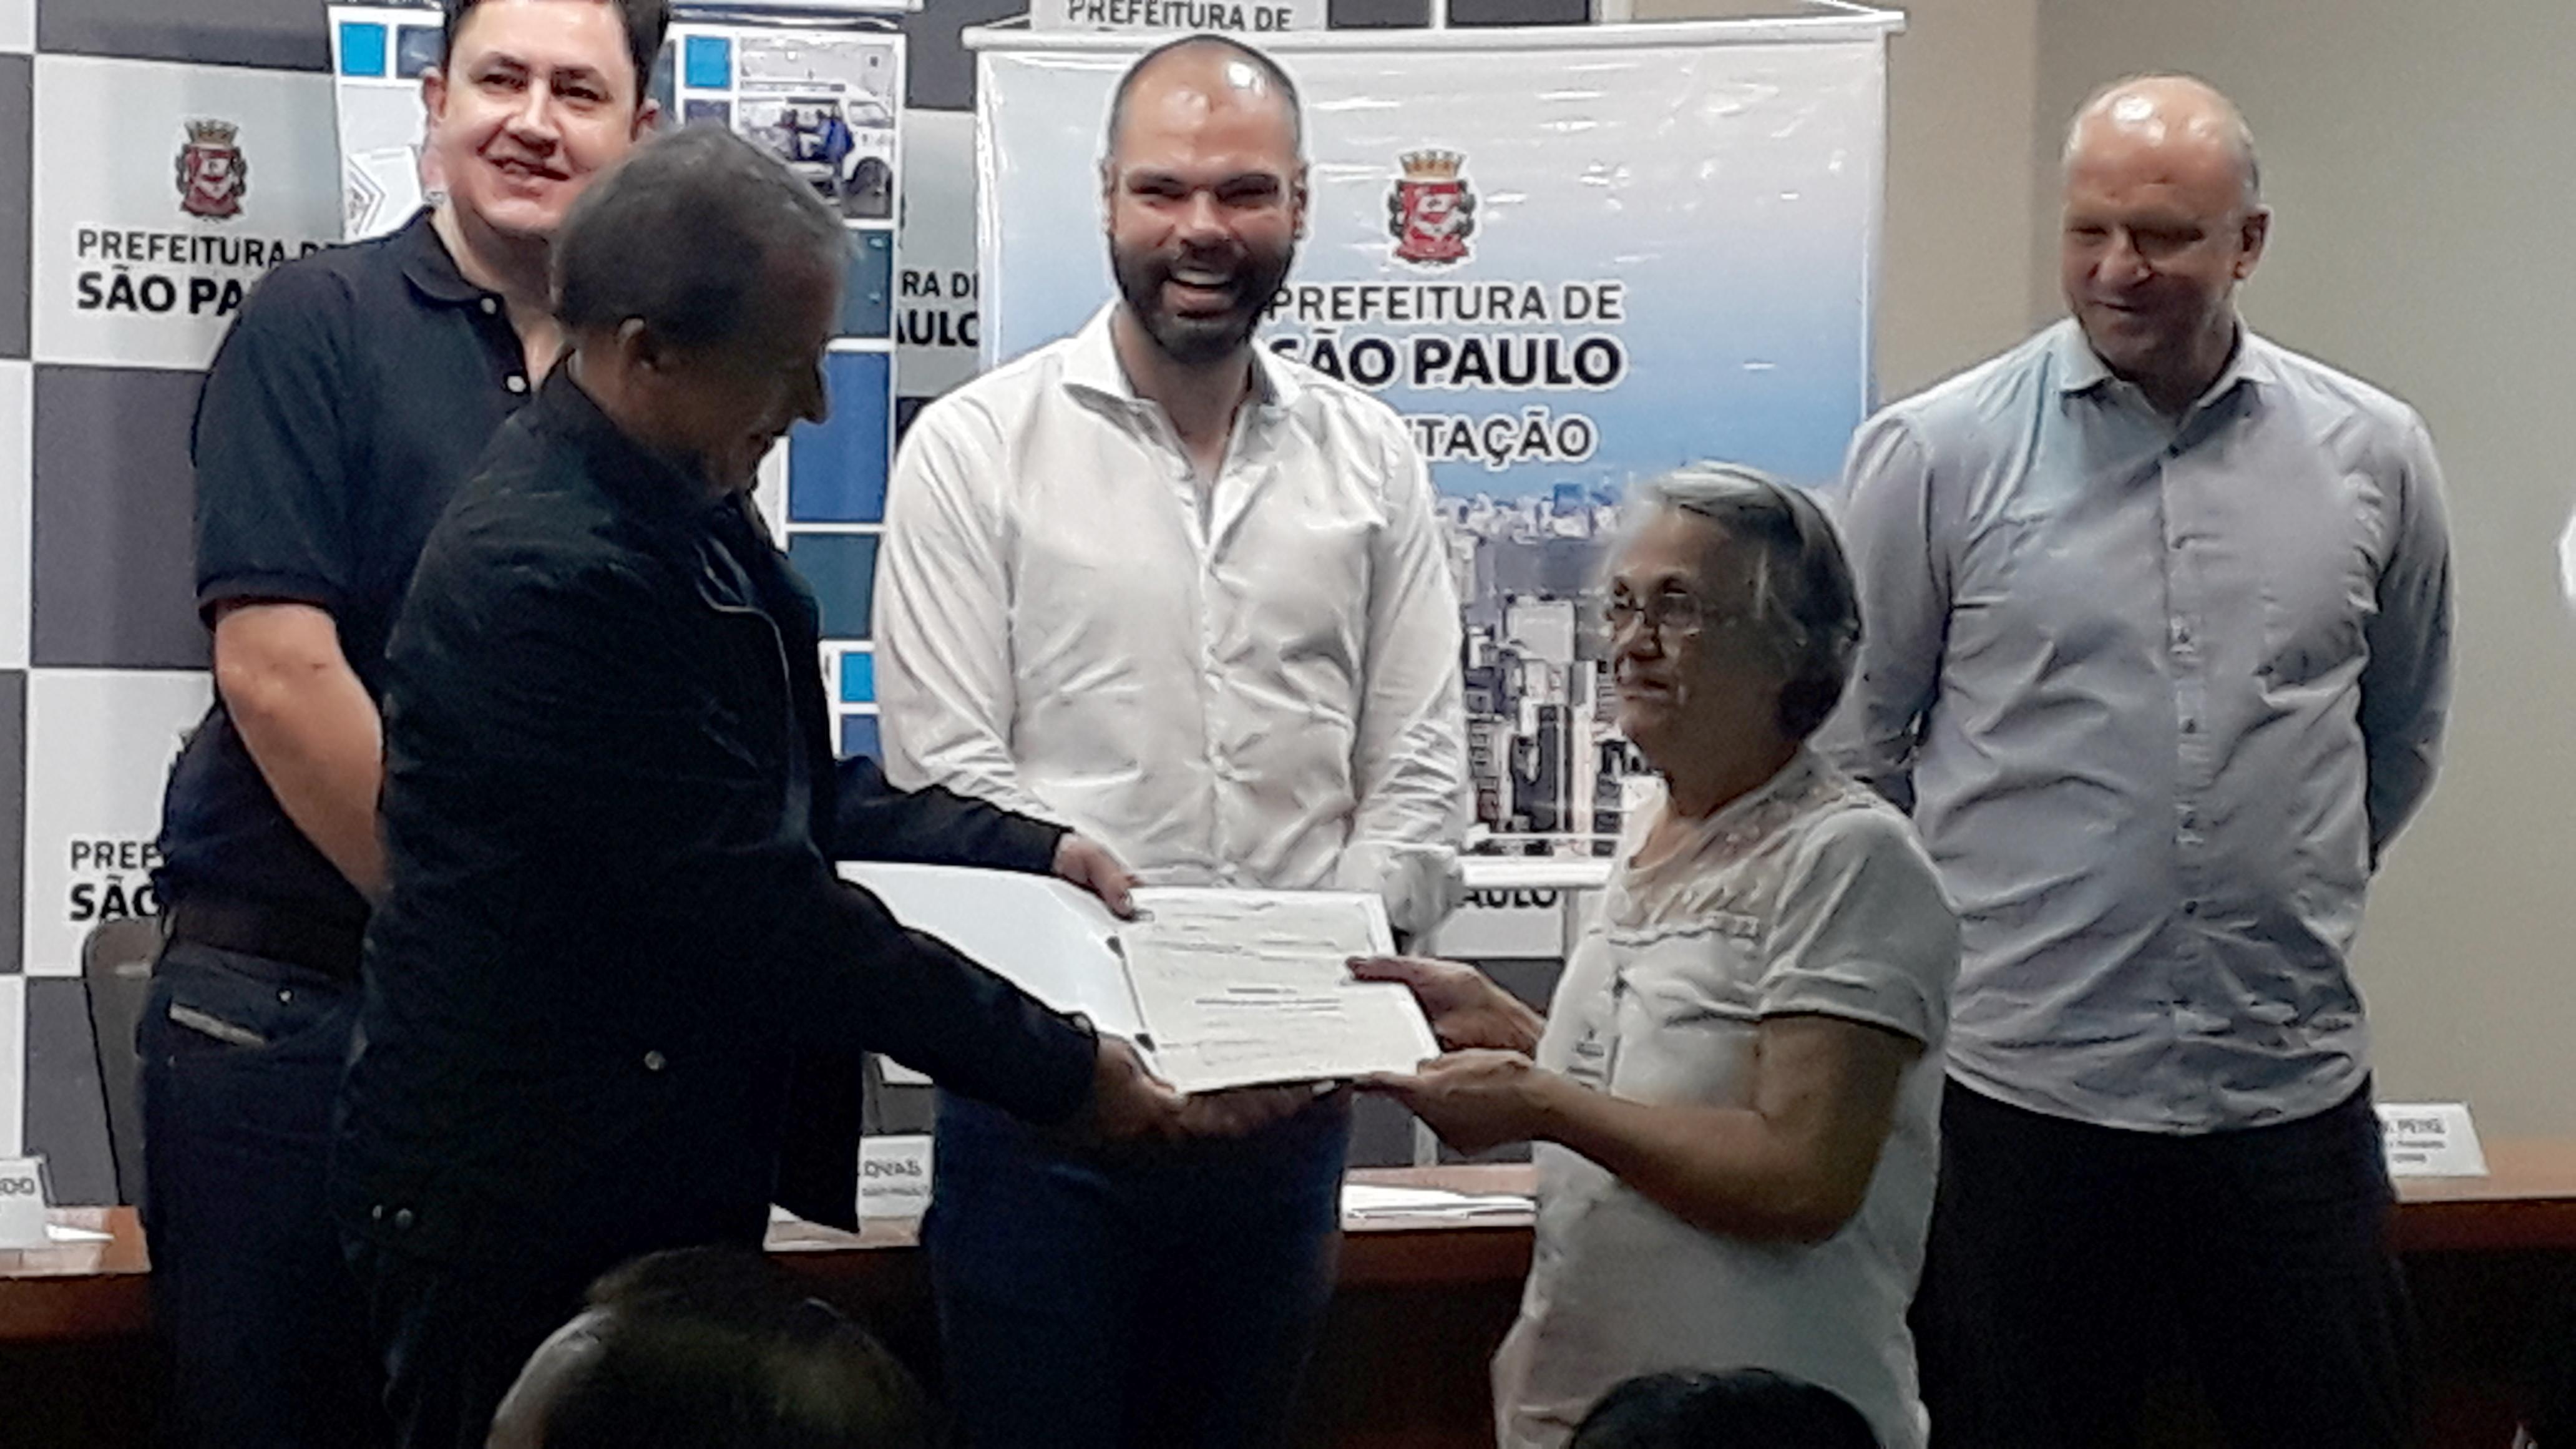 Img 3579 - Prefeitura entrega mais de 1.200 Termos de Quitação para mutuários de diversas regiões da cidade